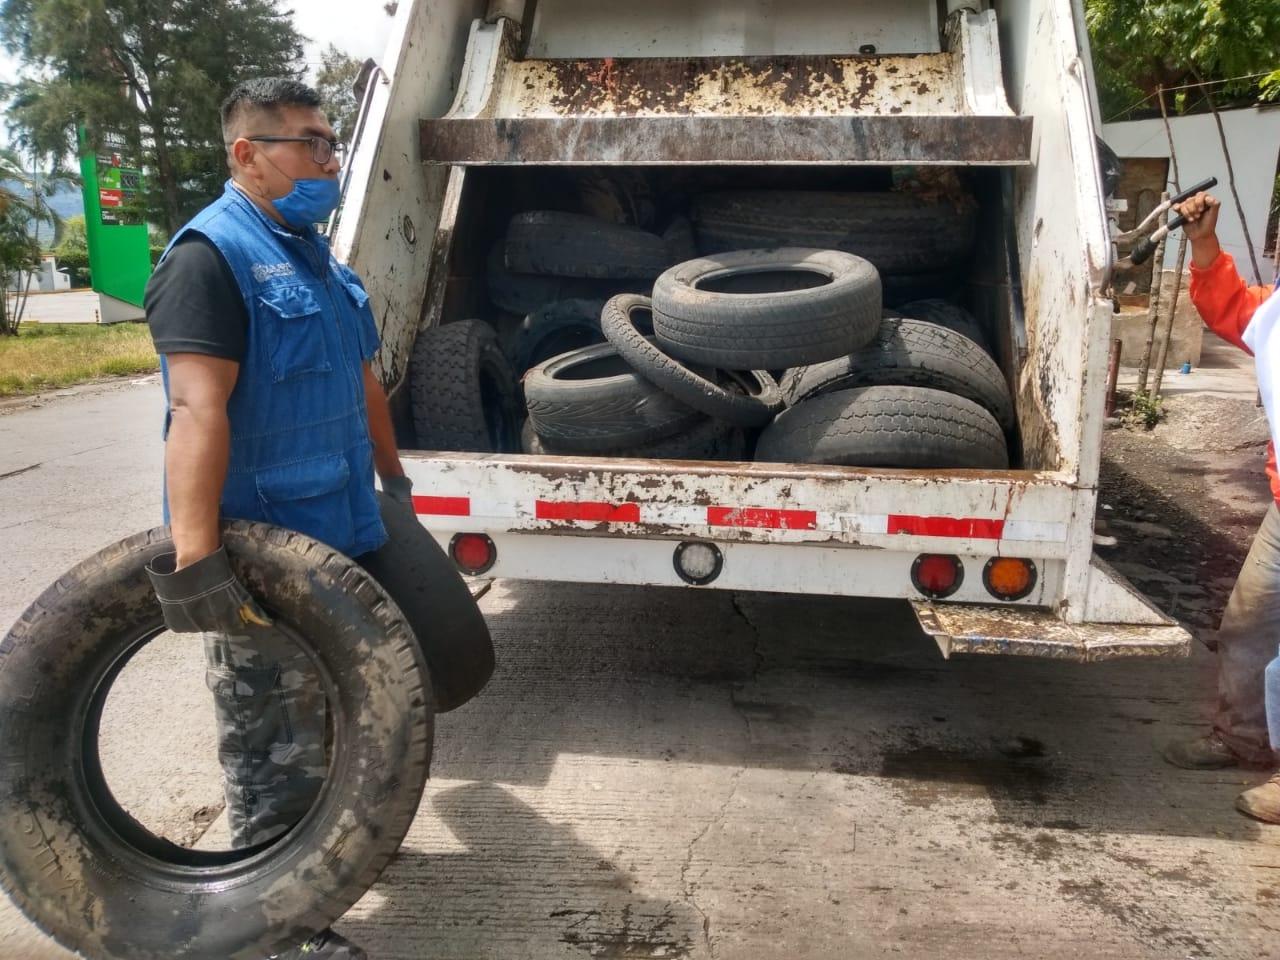 Reinicia la descacharrización en Fortín